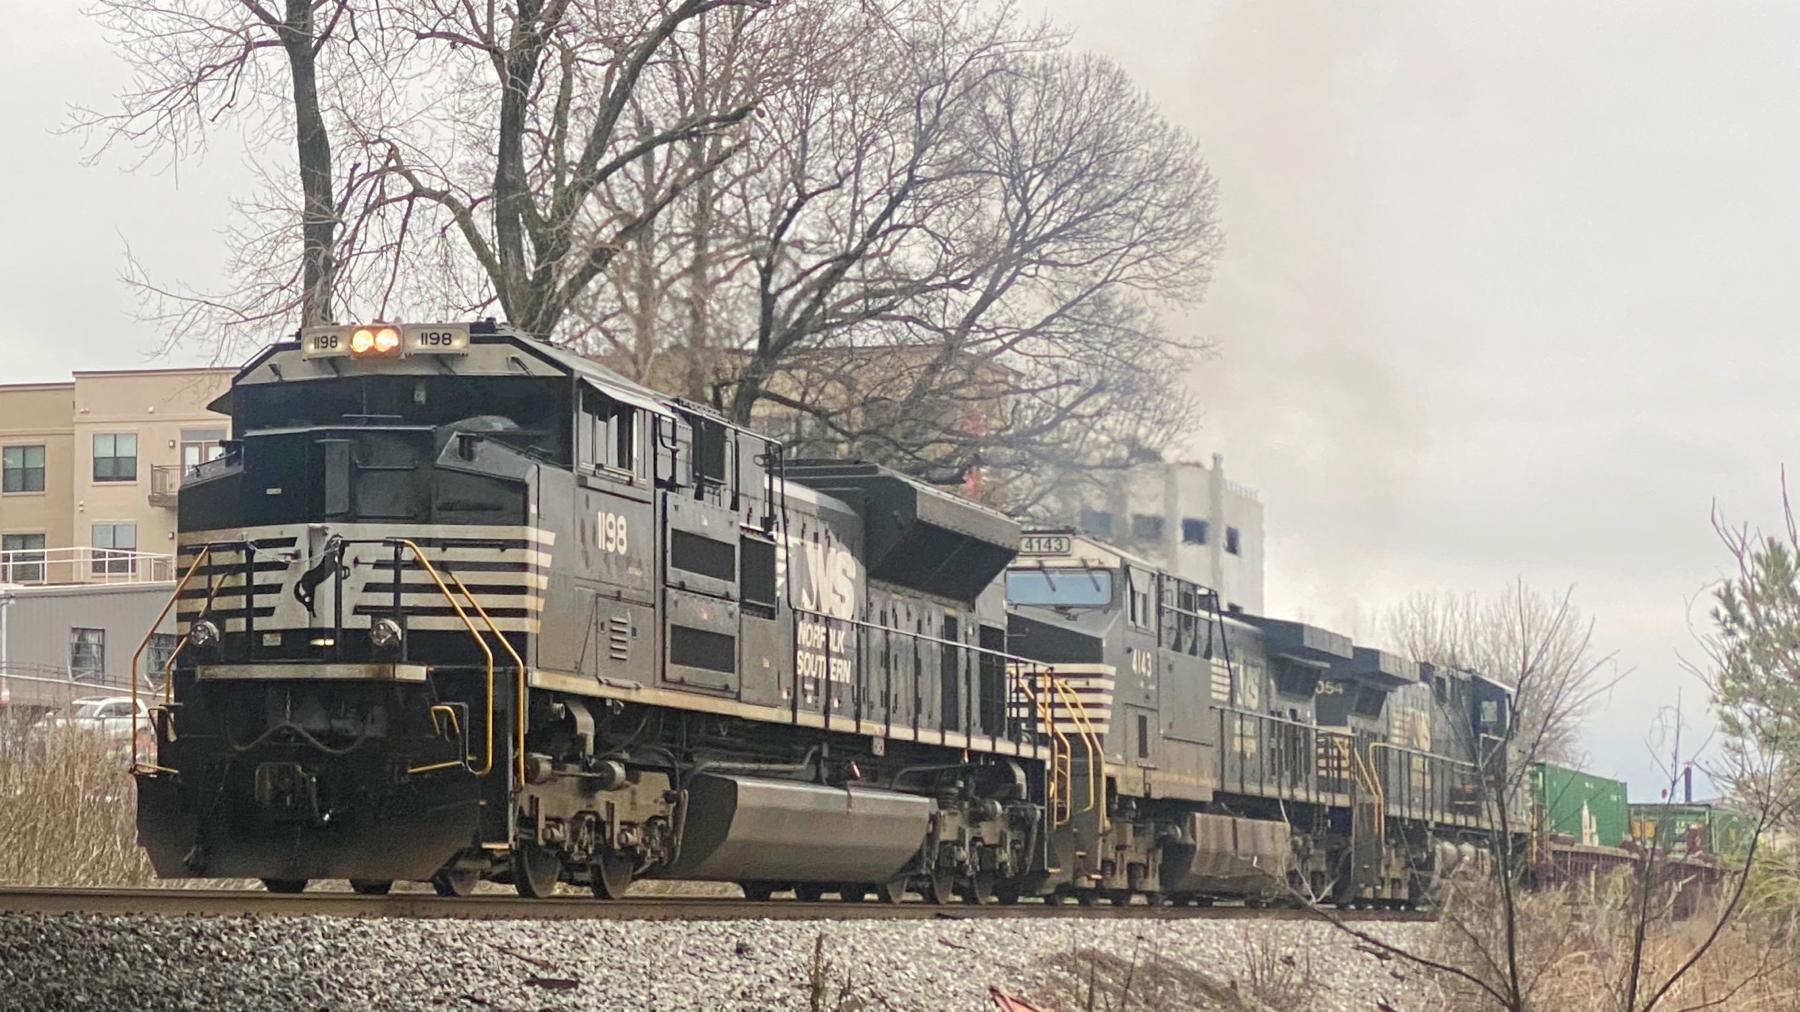 Train rumbling